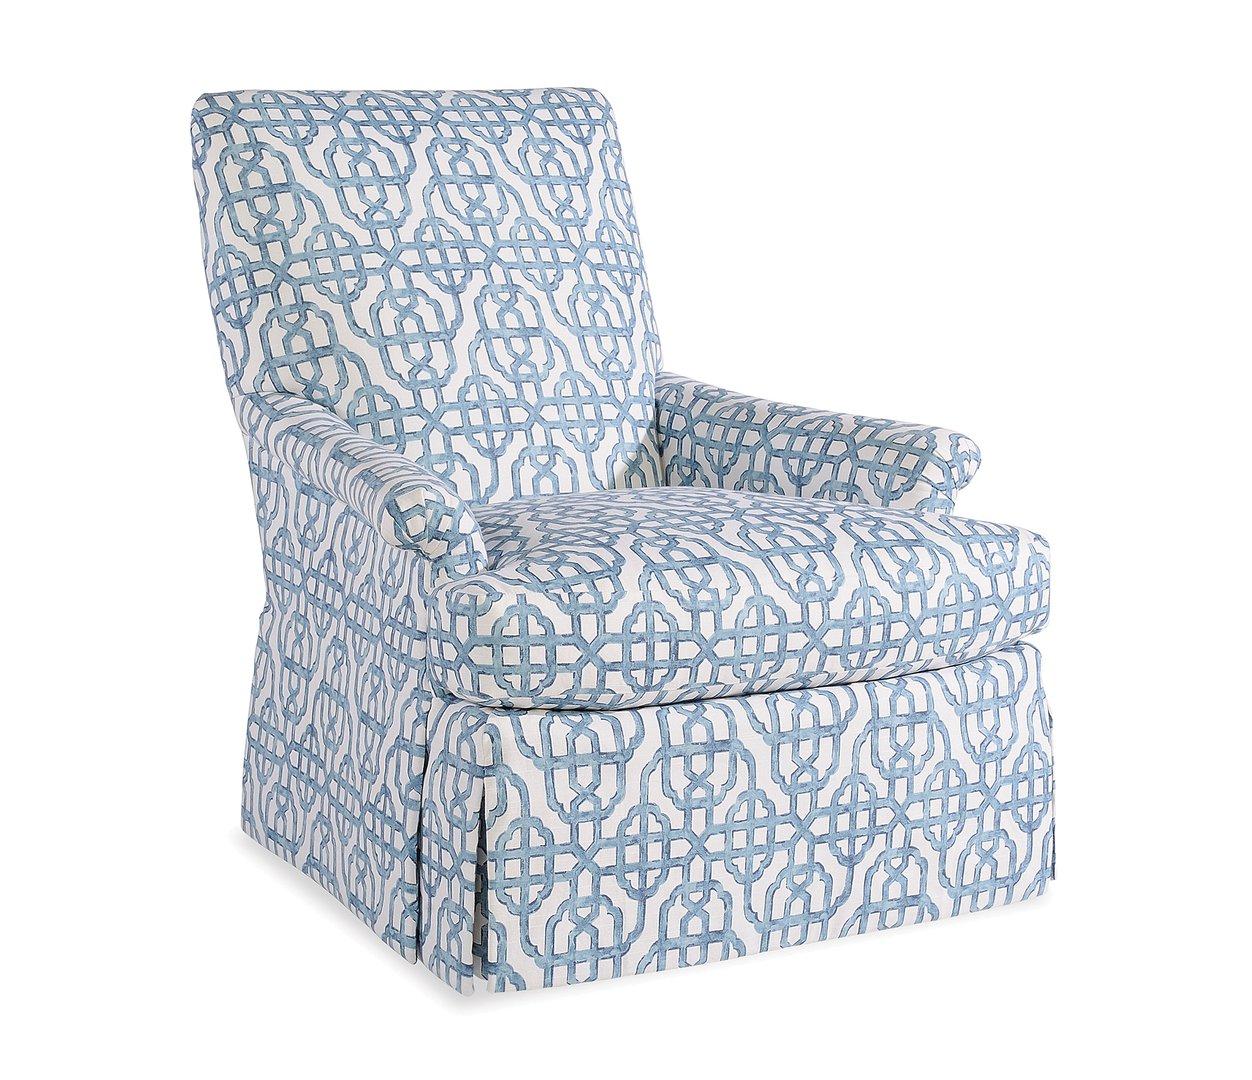 Vendue chair Image